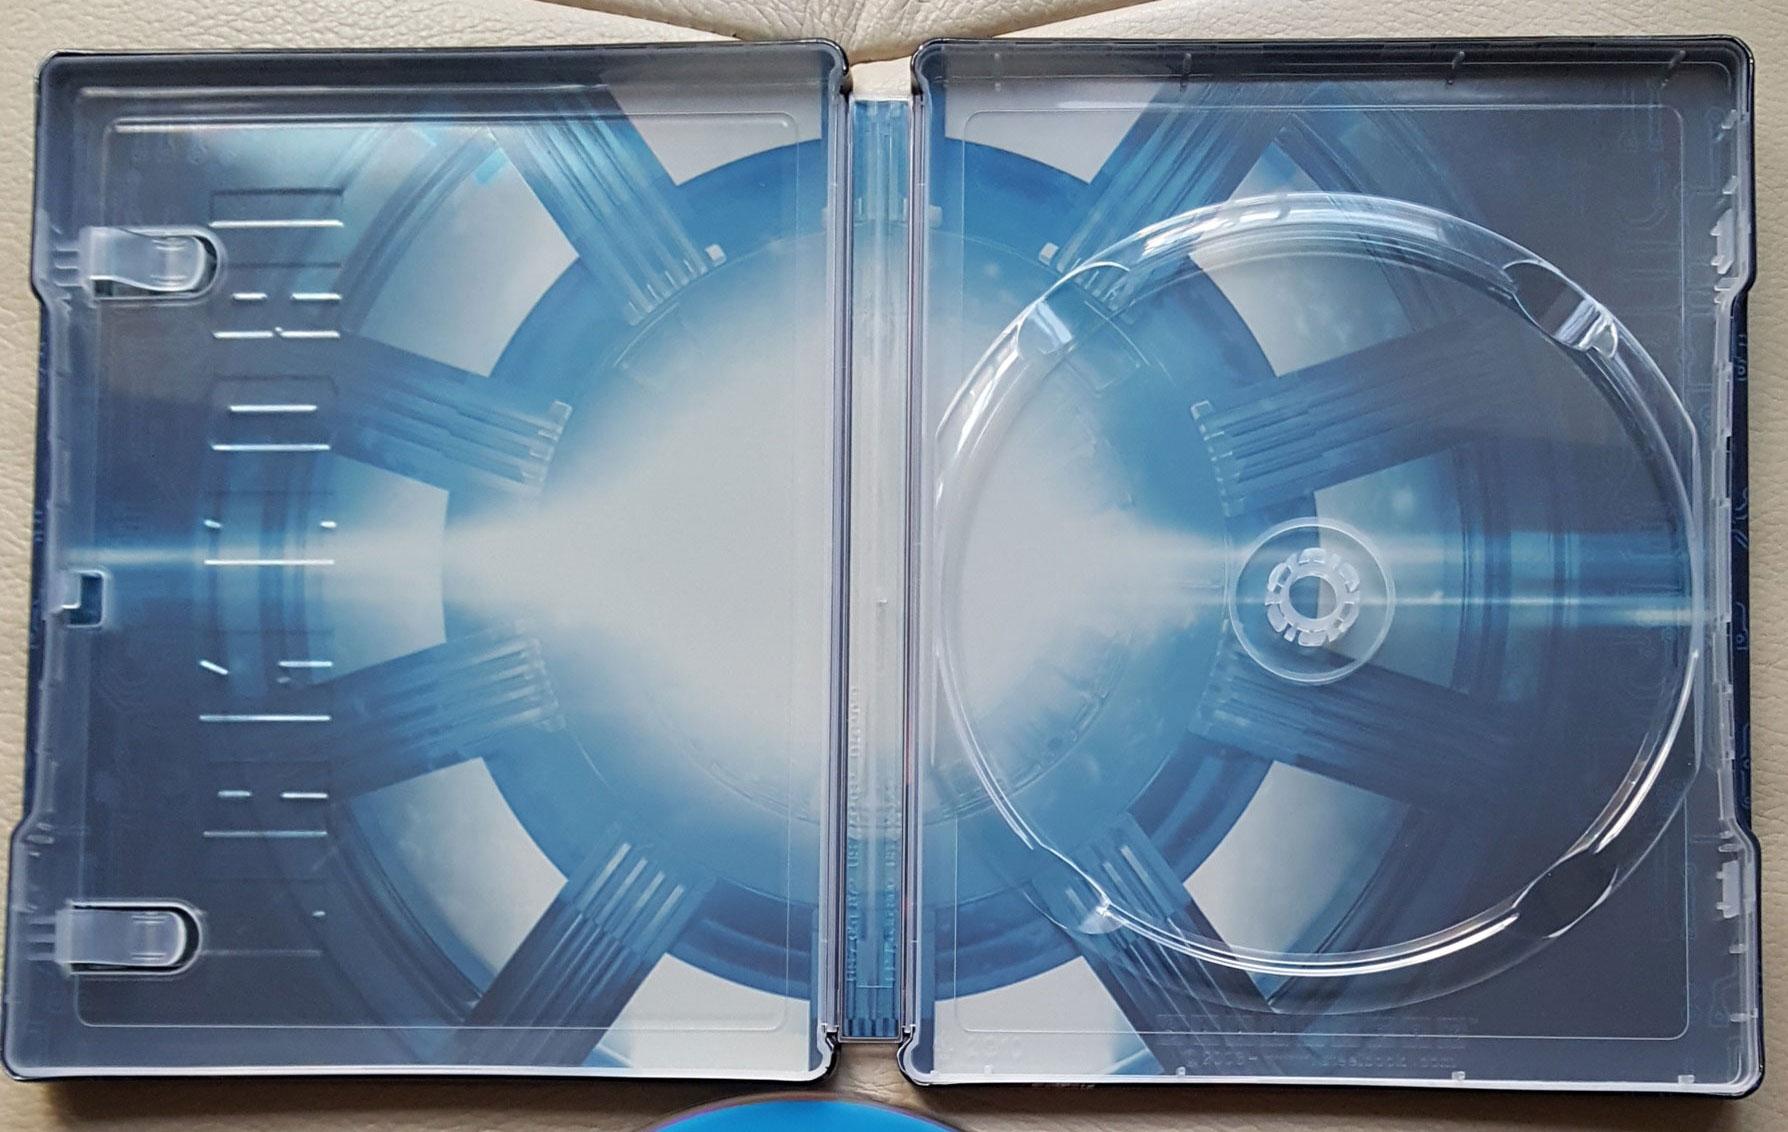 Iron man steelbook zavvi 1